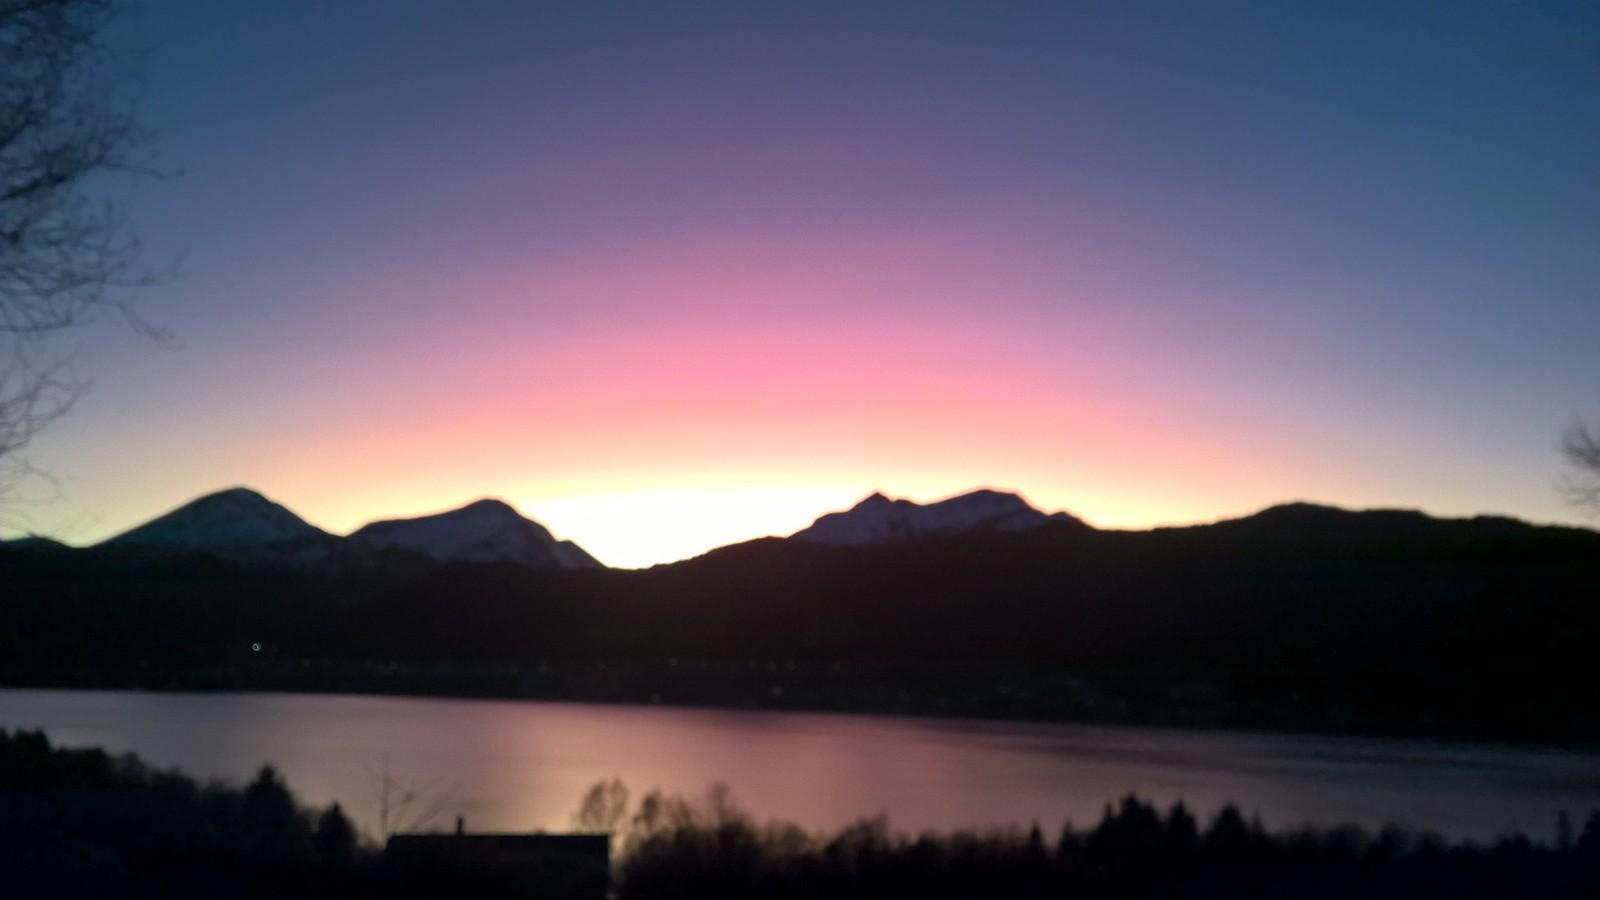 Olha Lyakhovyn har tatt bilde av solnedgangen på Krokset, Vikebukt.